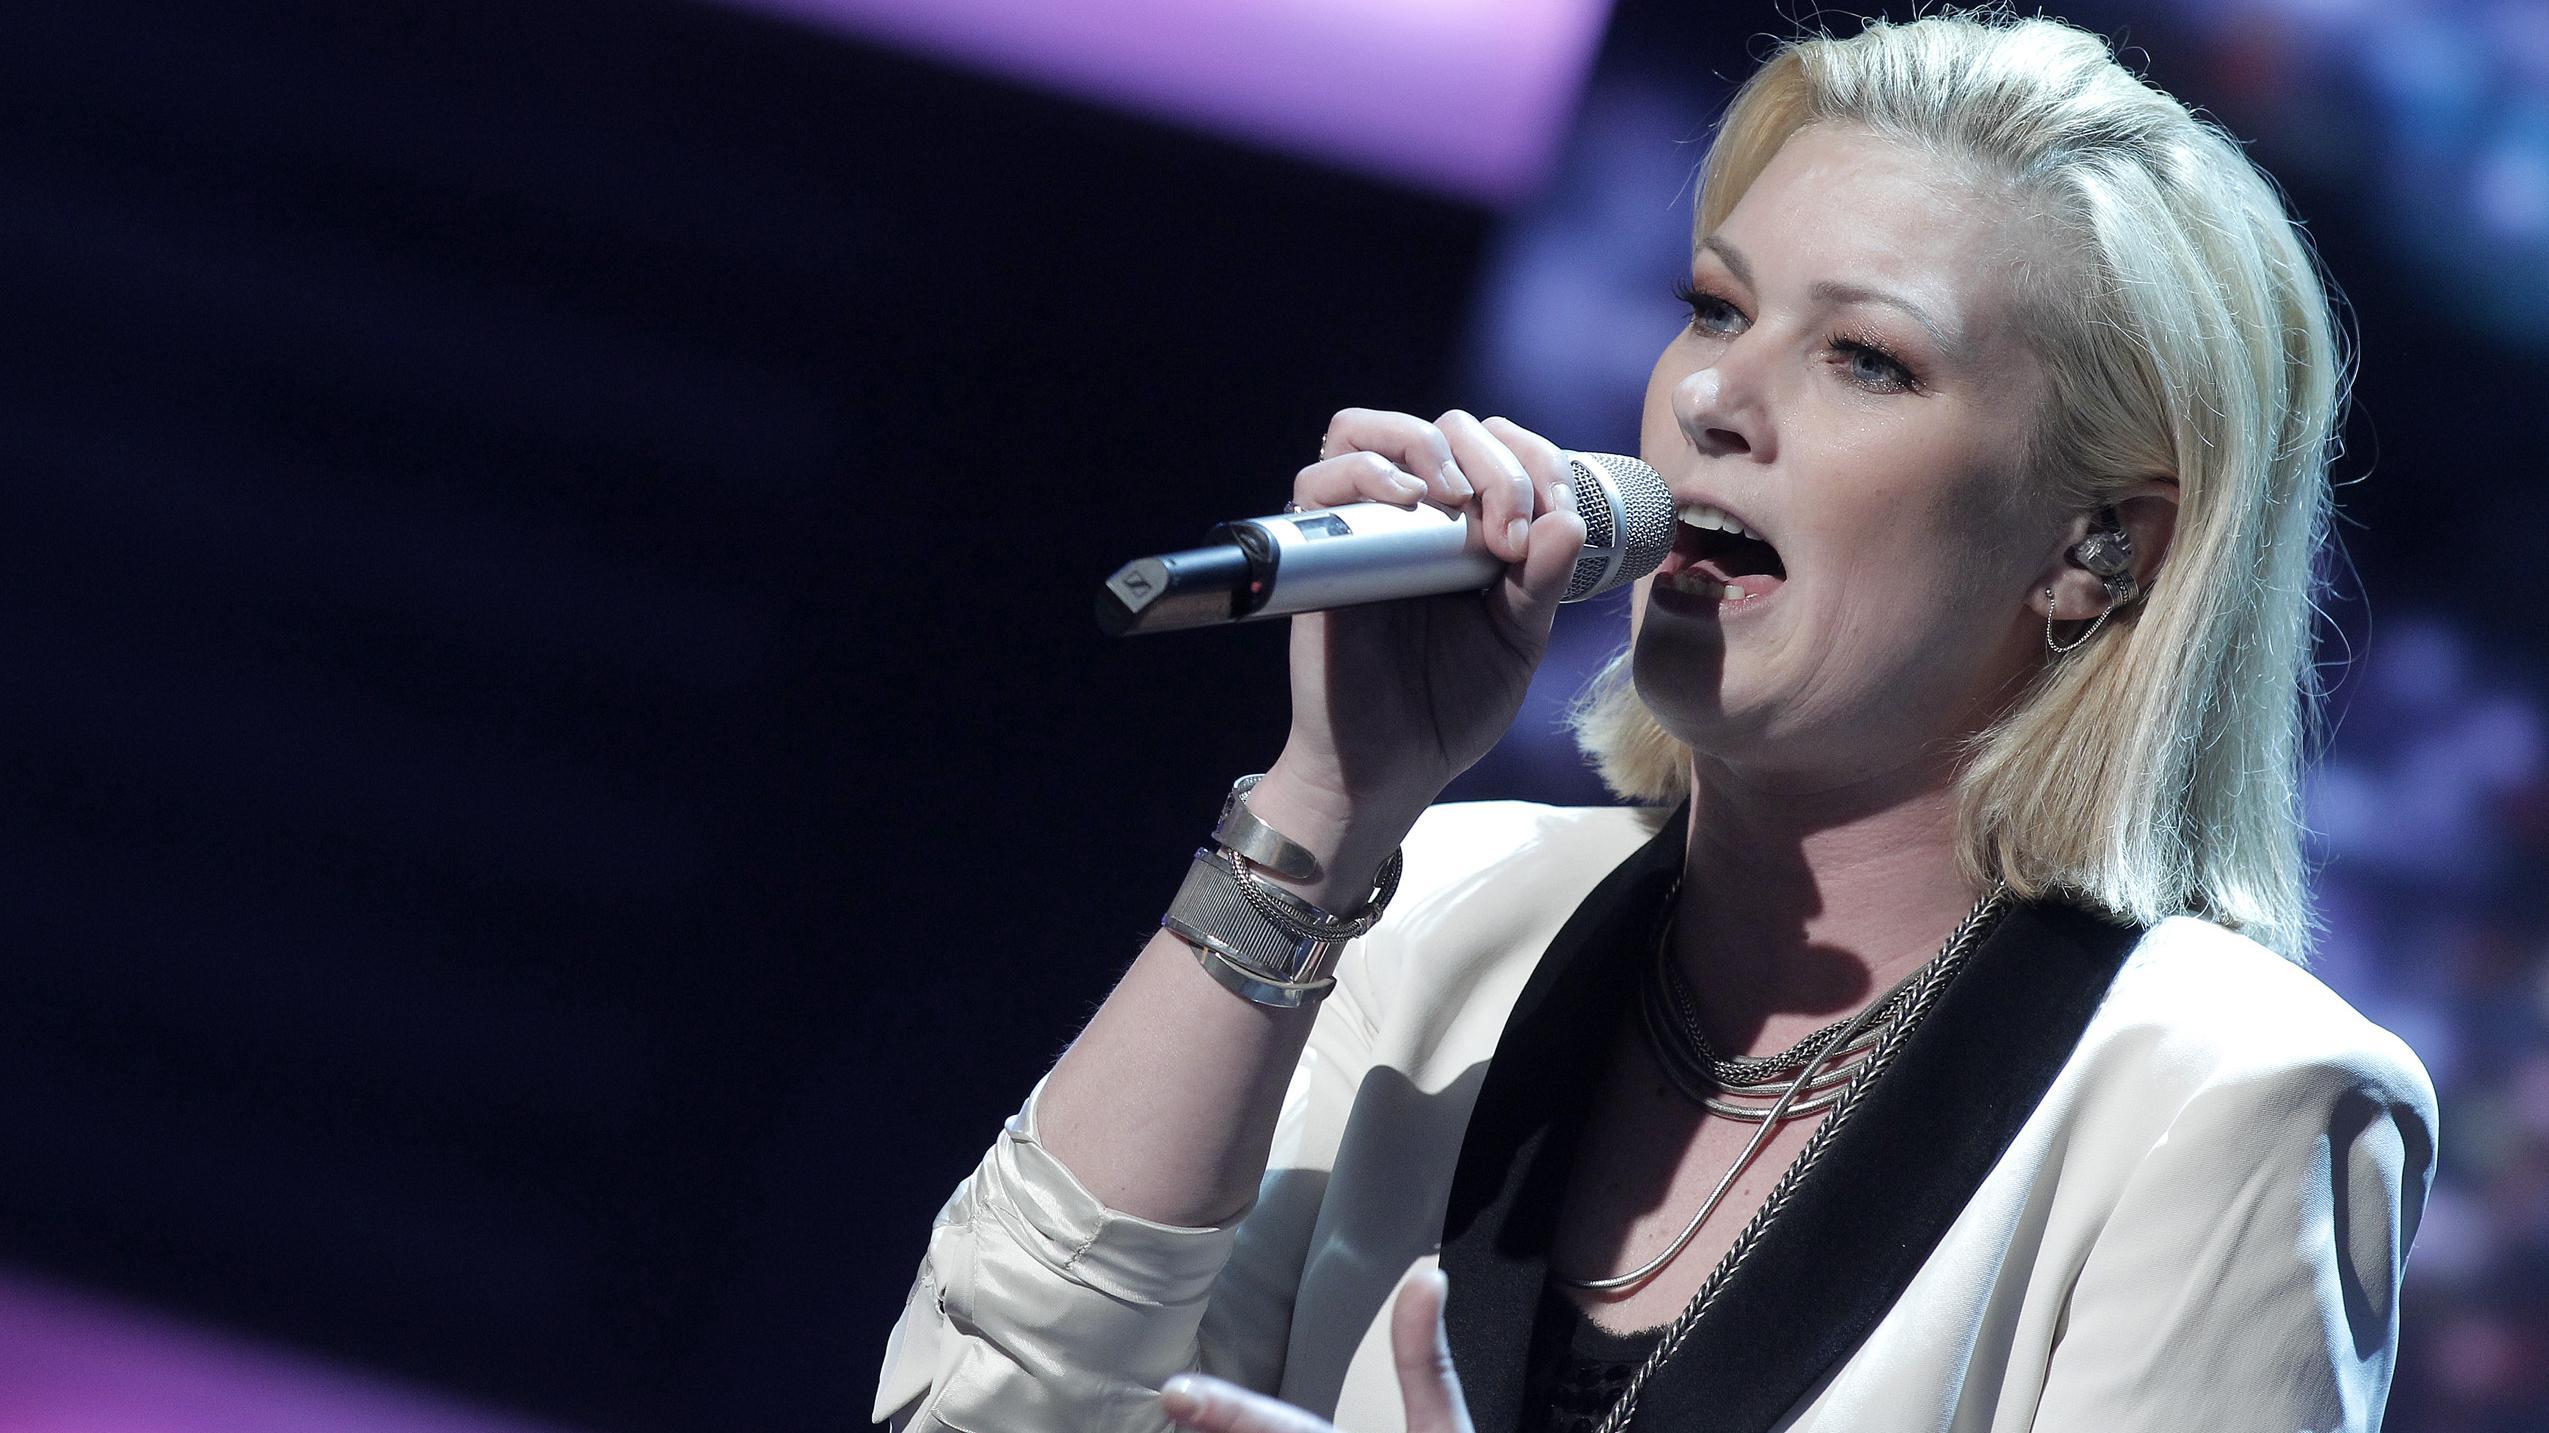 Annelouise fik en andenplads til dette års X Factor